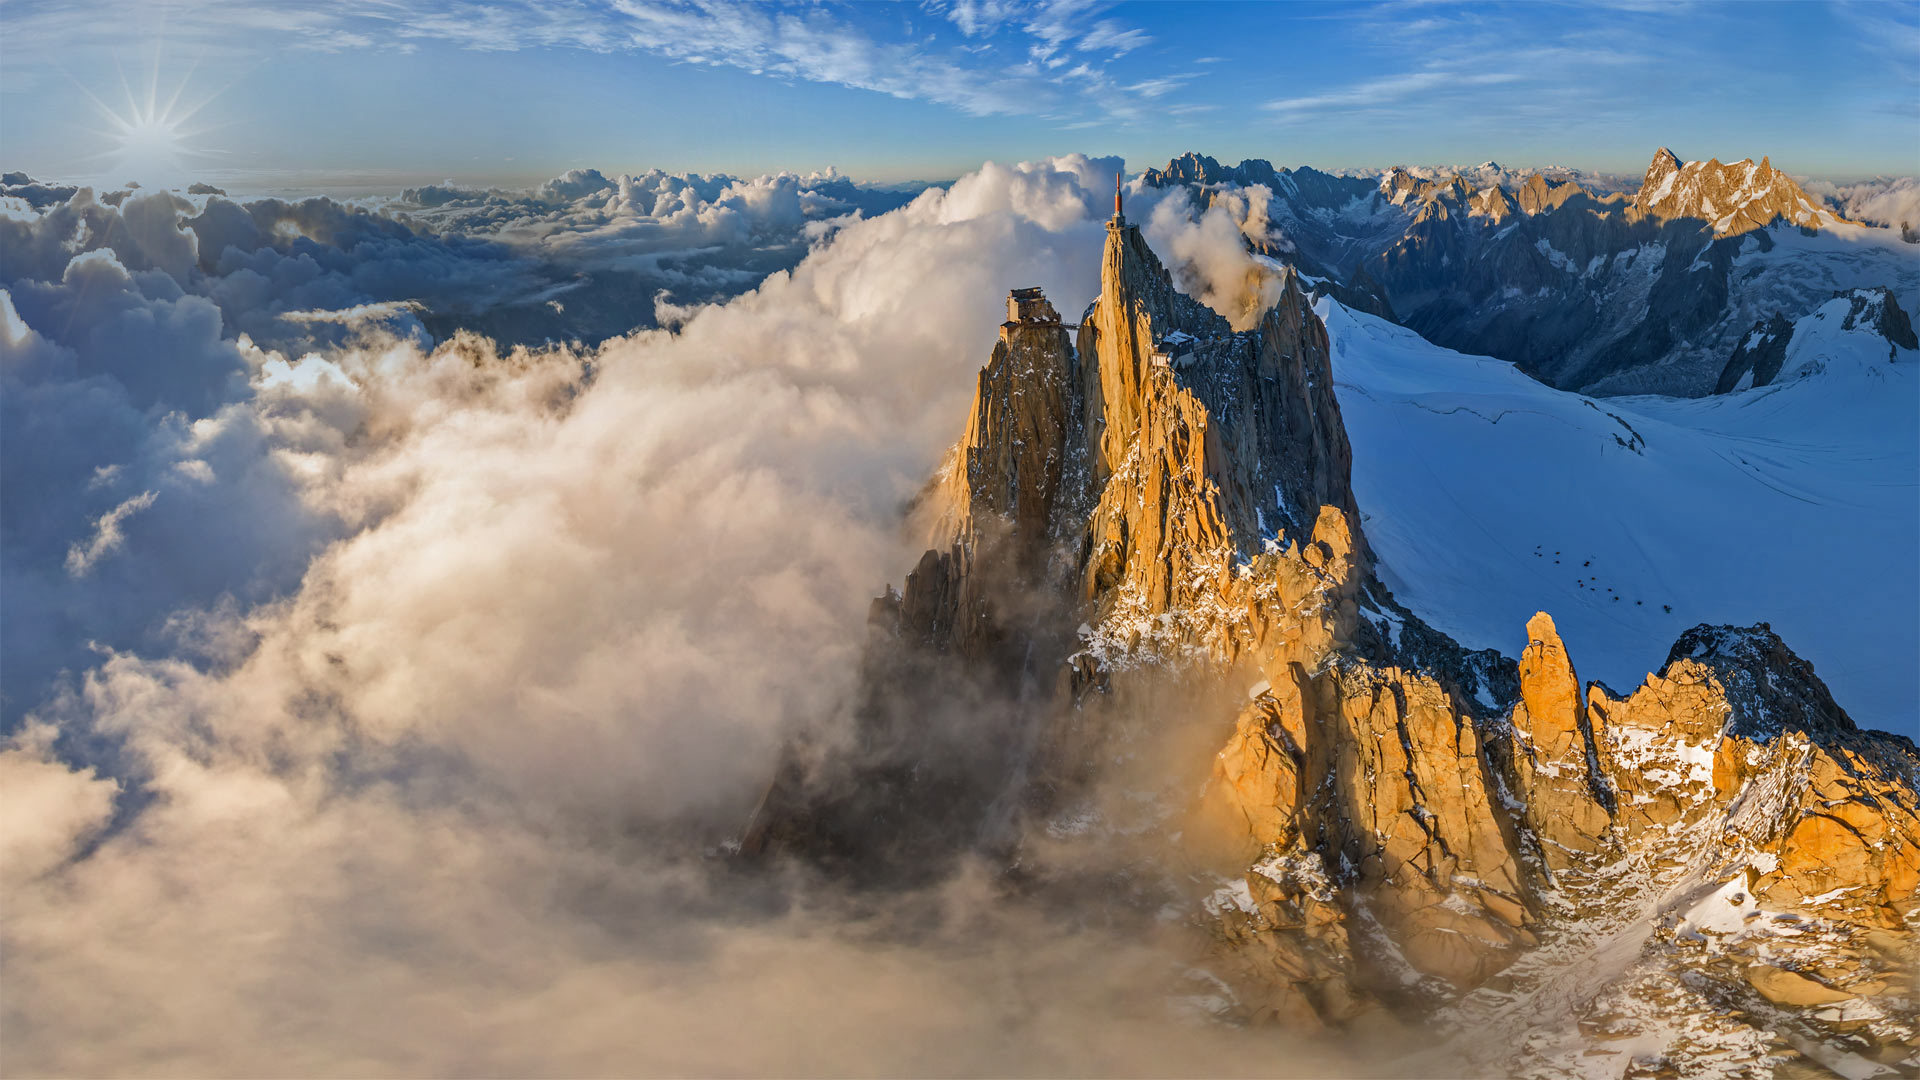 鸟瞰勃朗峰山脉中的南针峰勃朗峰